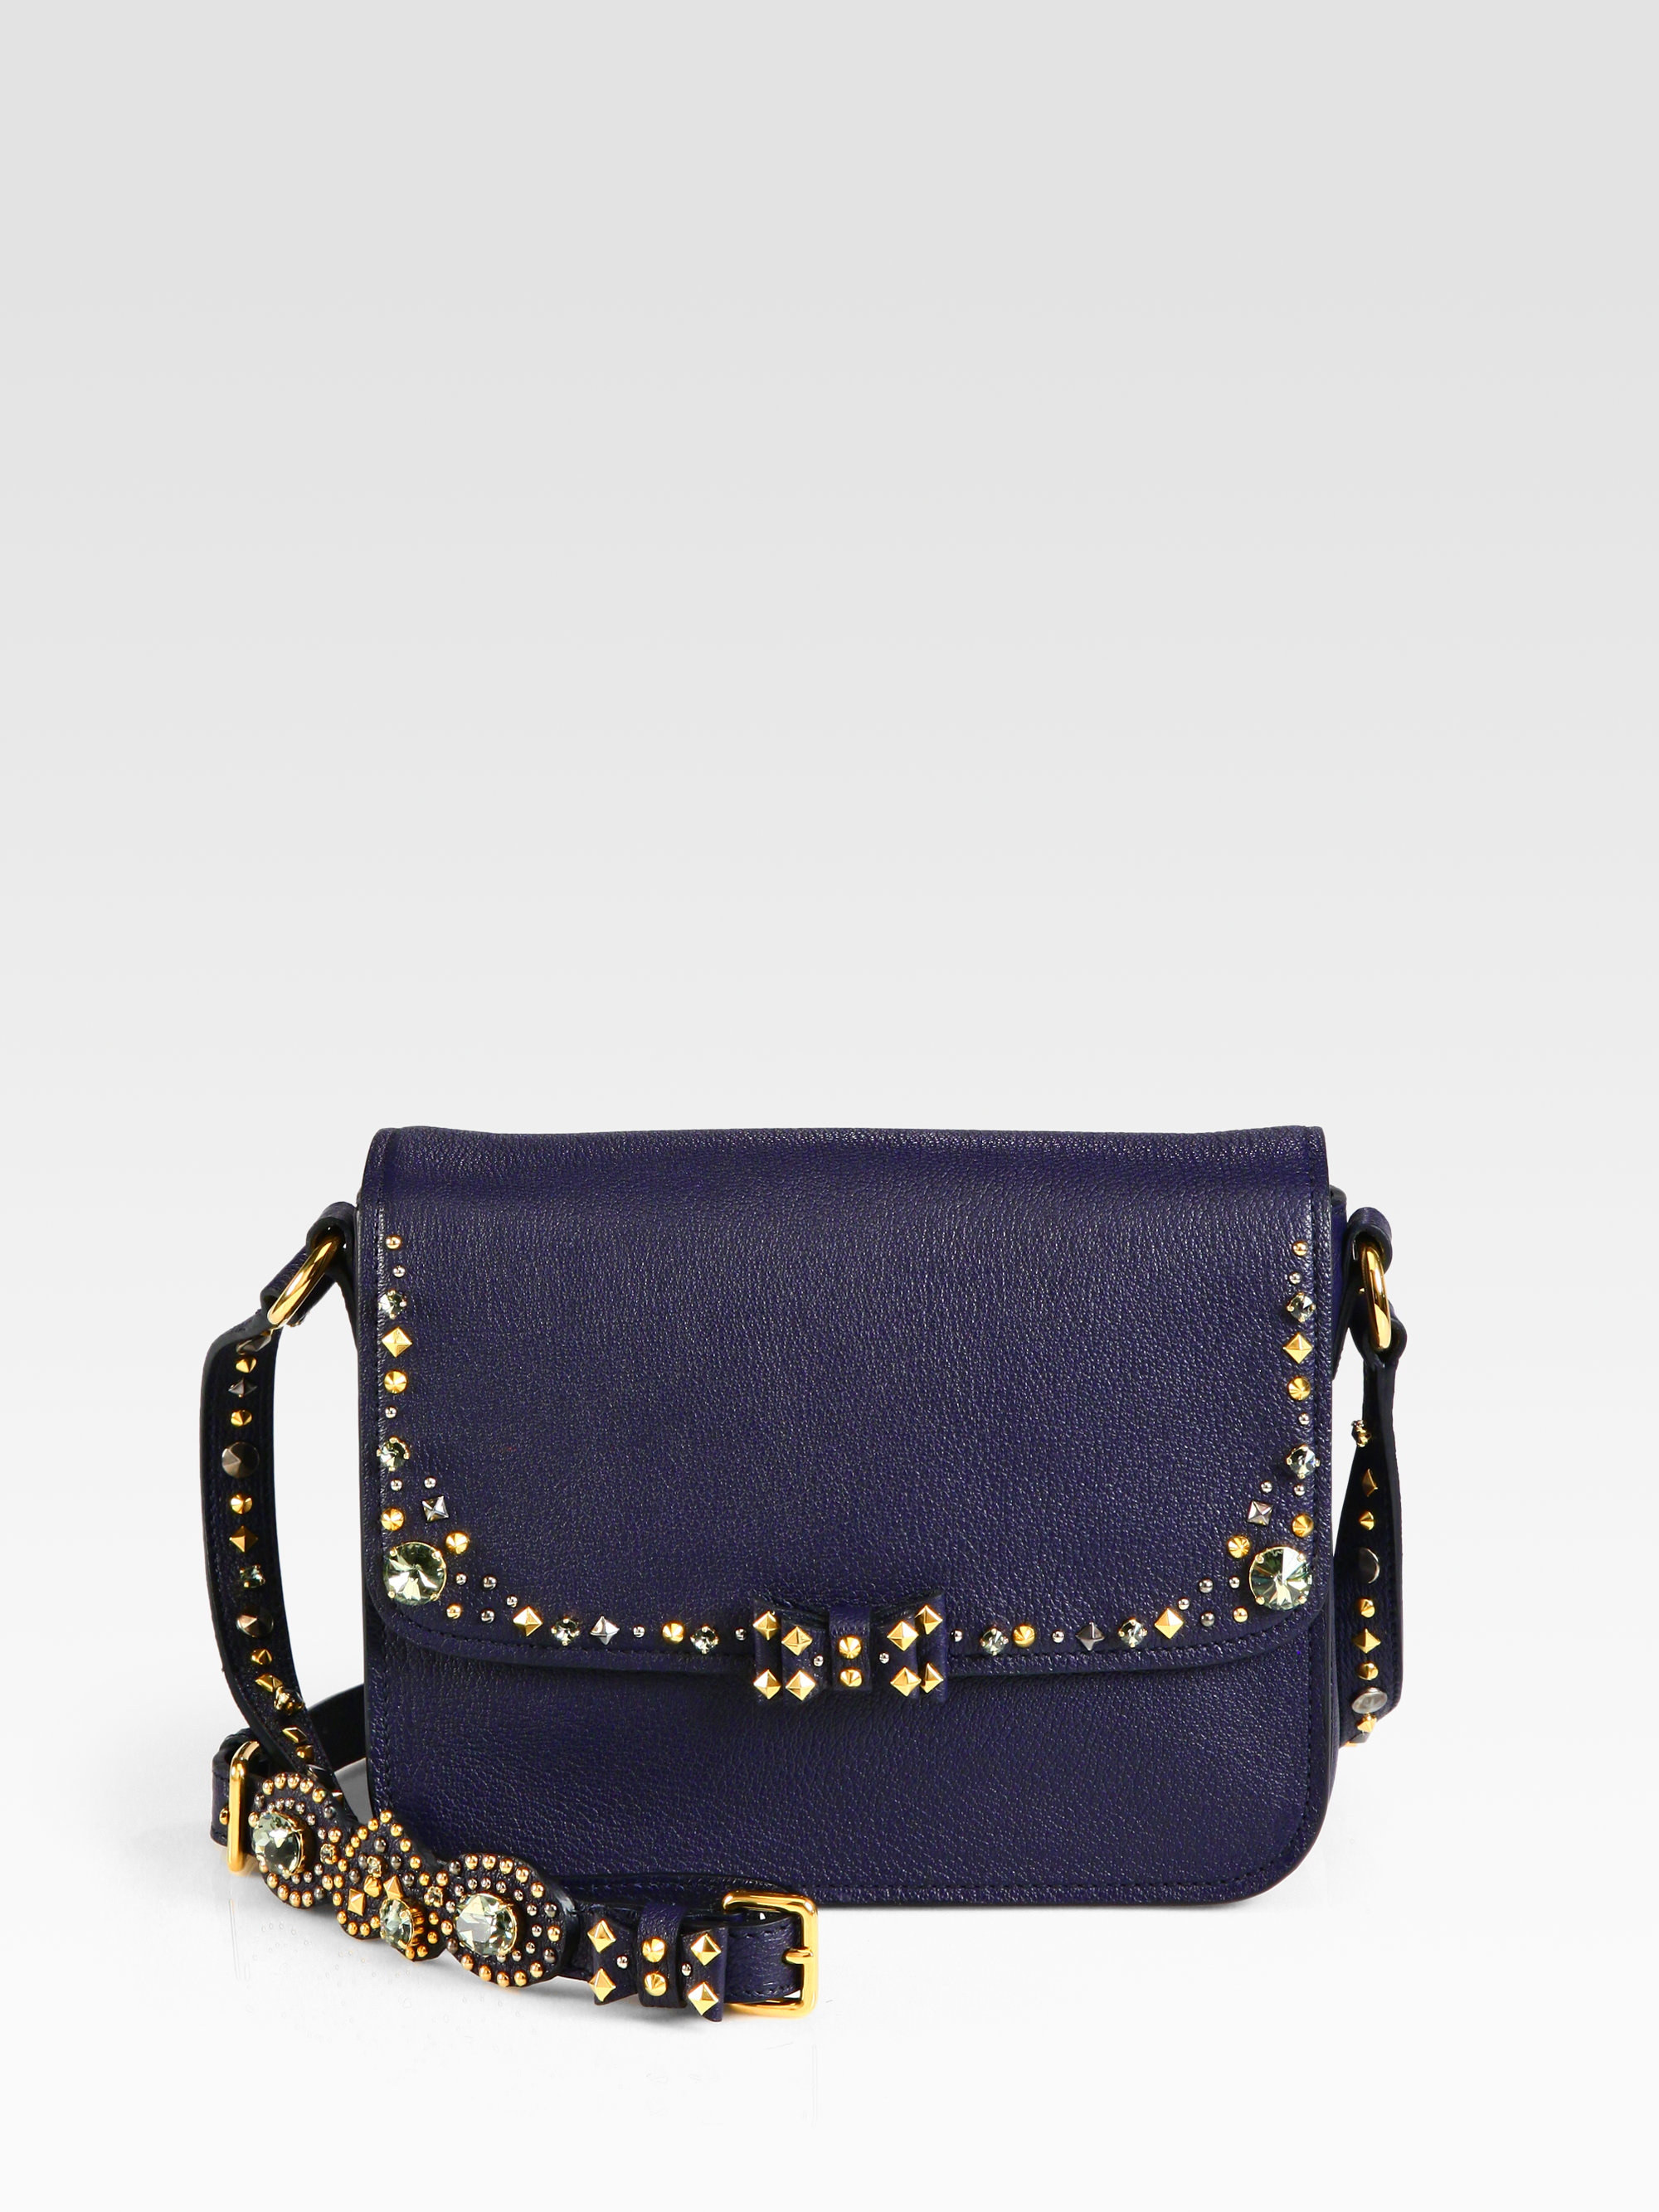 Lyst - Miu Miu Madras Jeweled Crossbody Bag in Blue c53b37ff16621